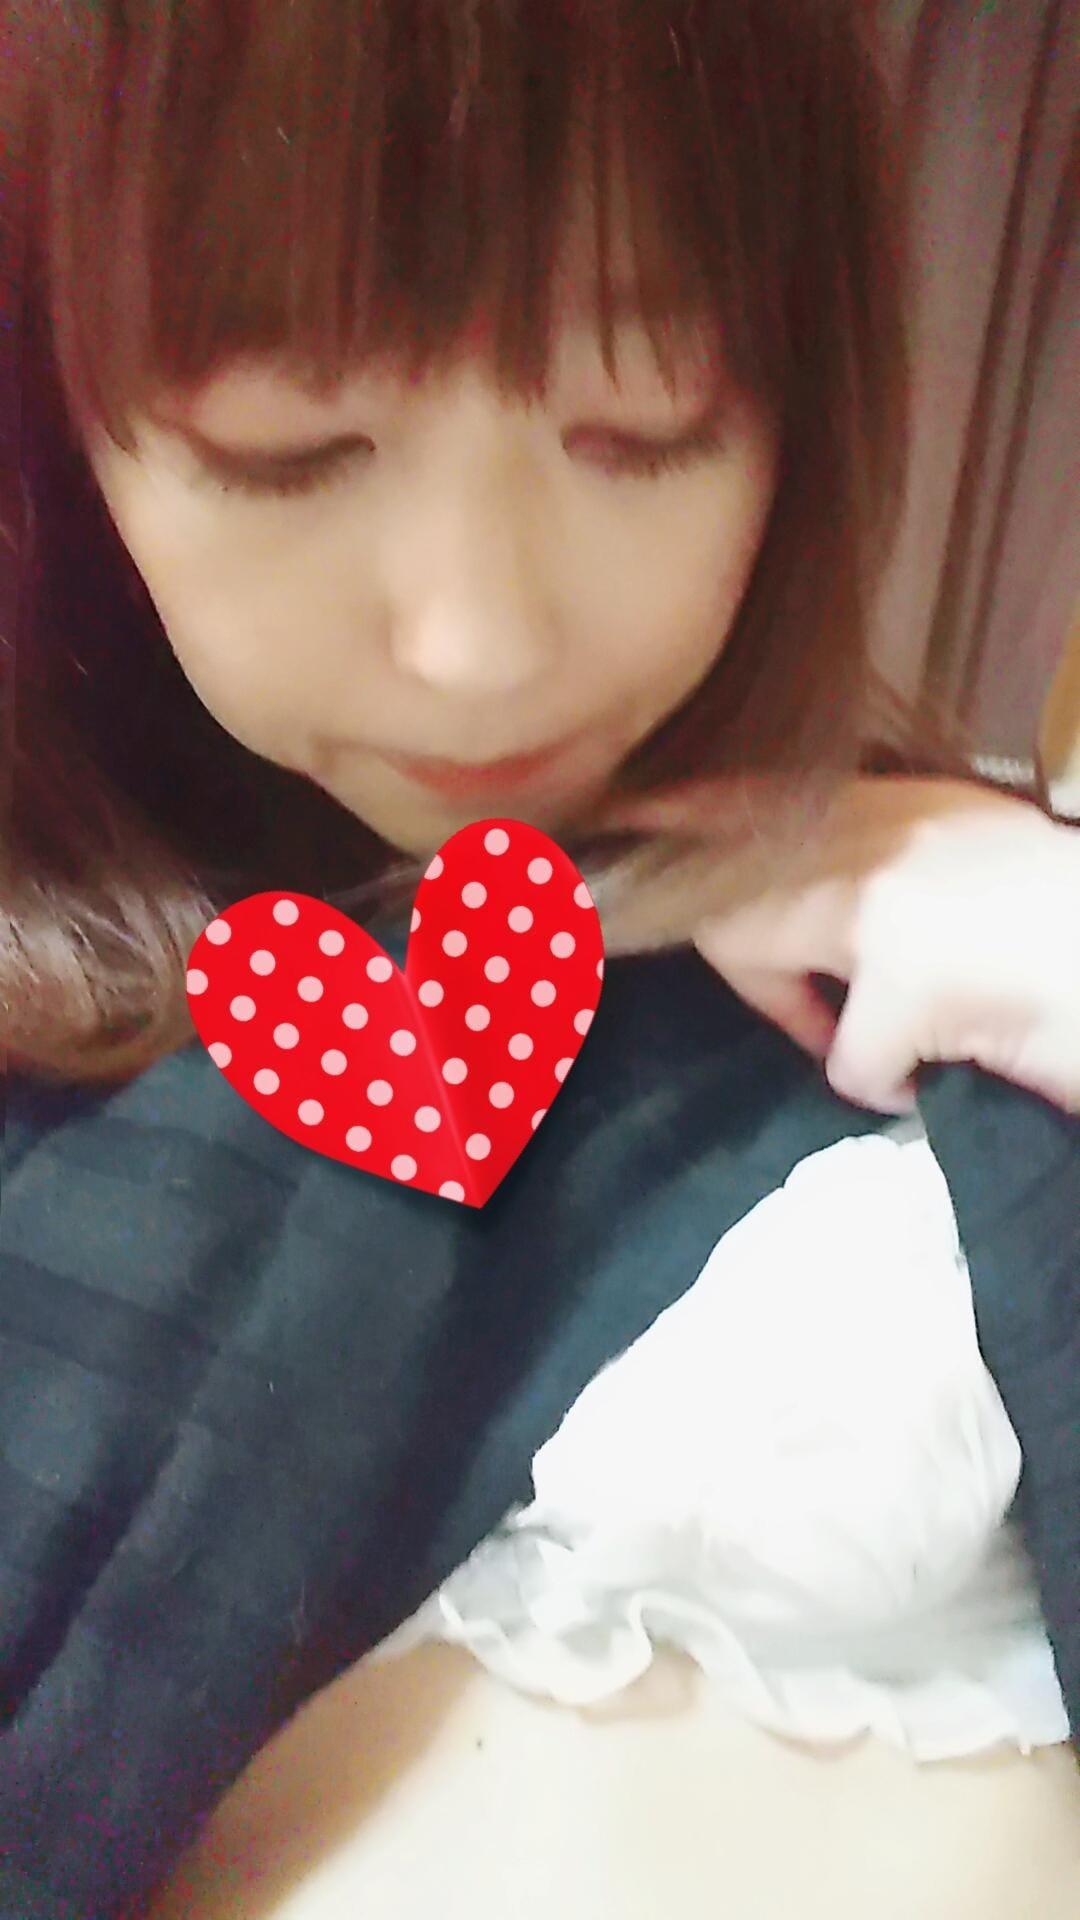 「ぴまぴた」05/25(05/25) 21:02 | RINA【りな】の写メ・風俗動画